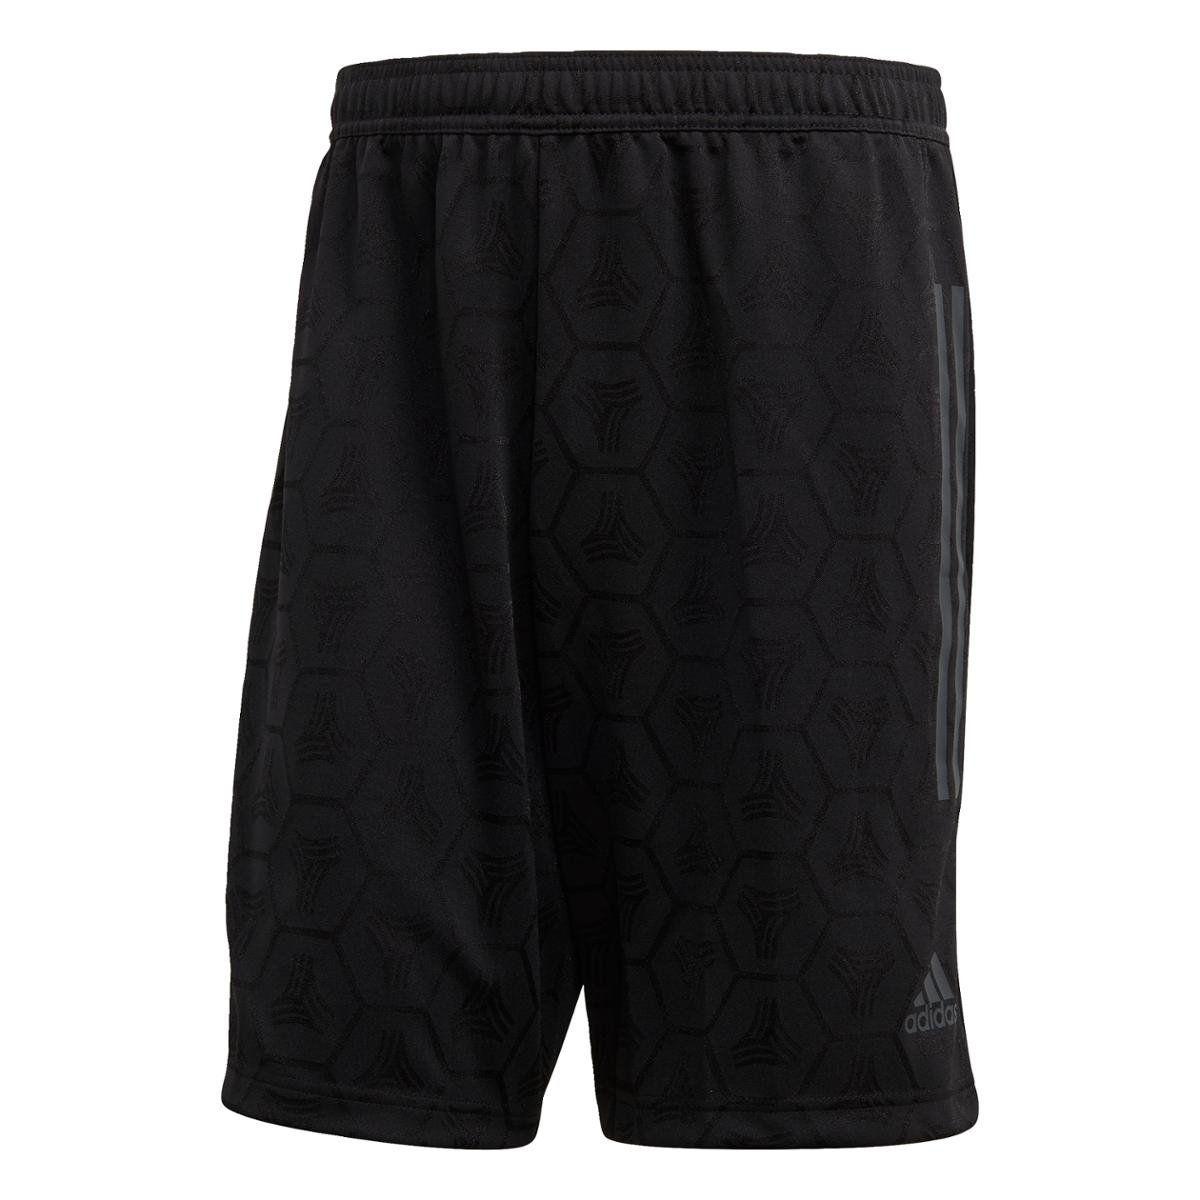 Shorts Adidas Jacquard TAN Masculino